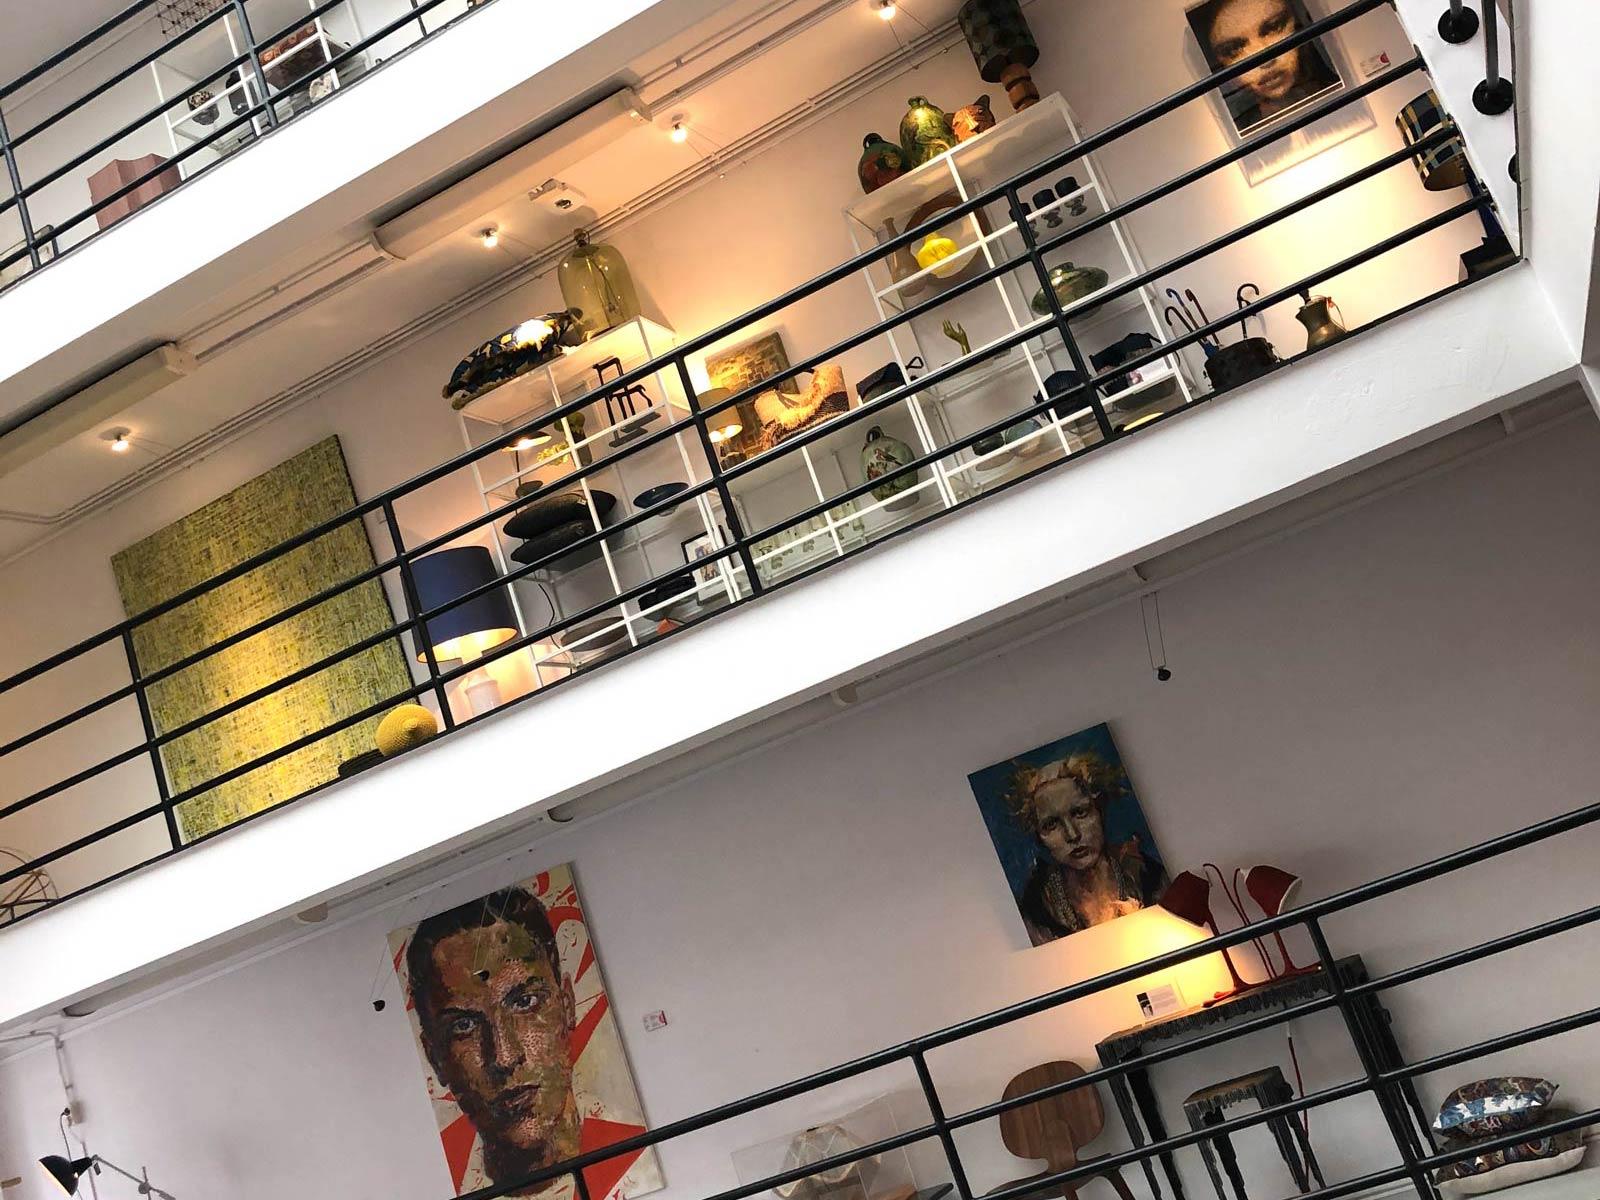 Galerie mit Exponaten im Bereich Wohndesign